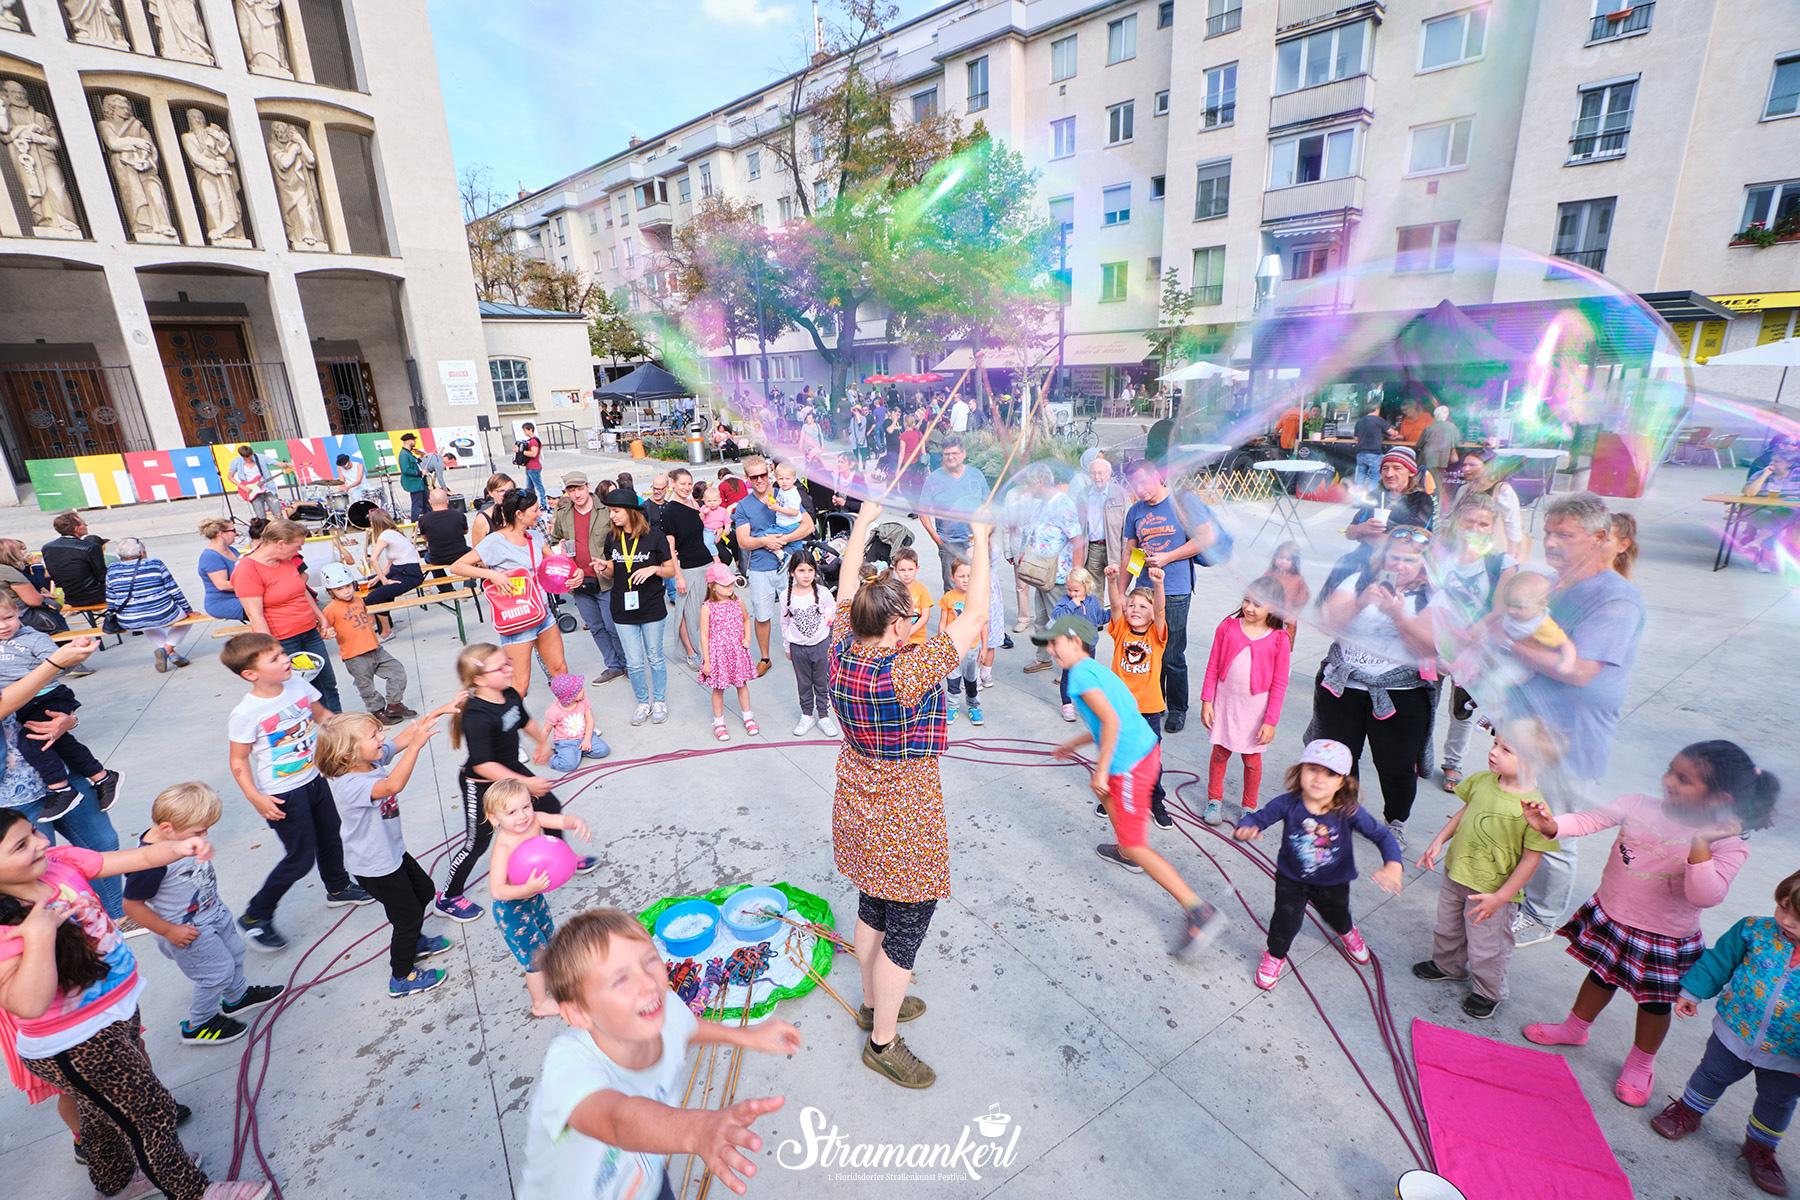 Stramankerl 2019 | Floridsdorfer Straßenkunst Festival